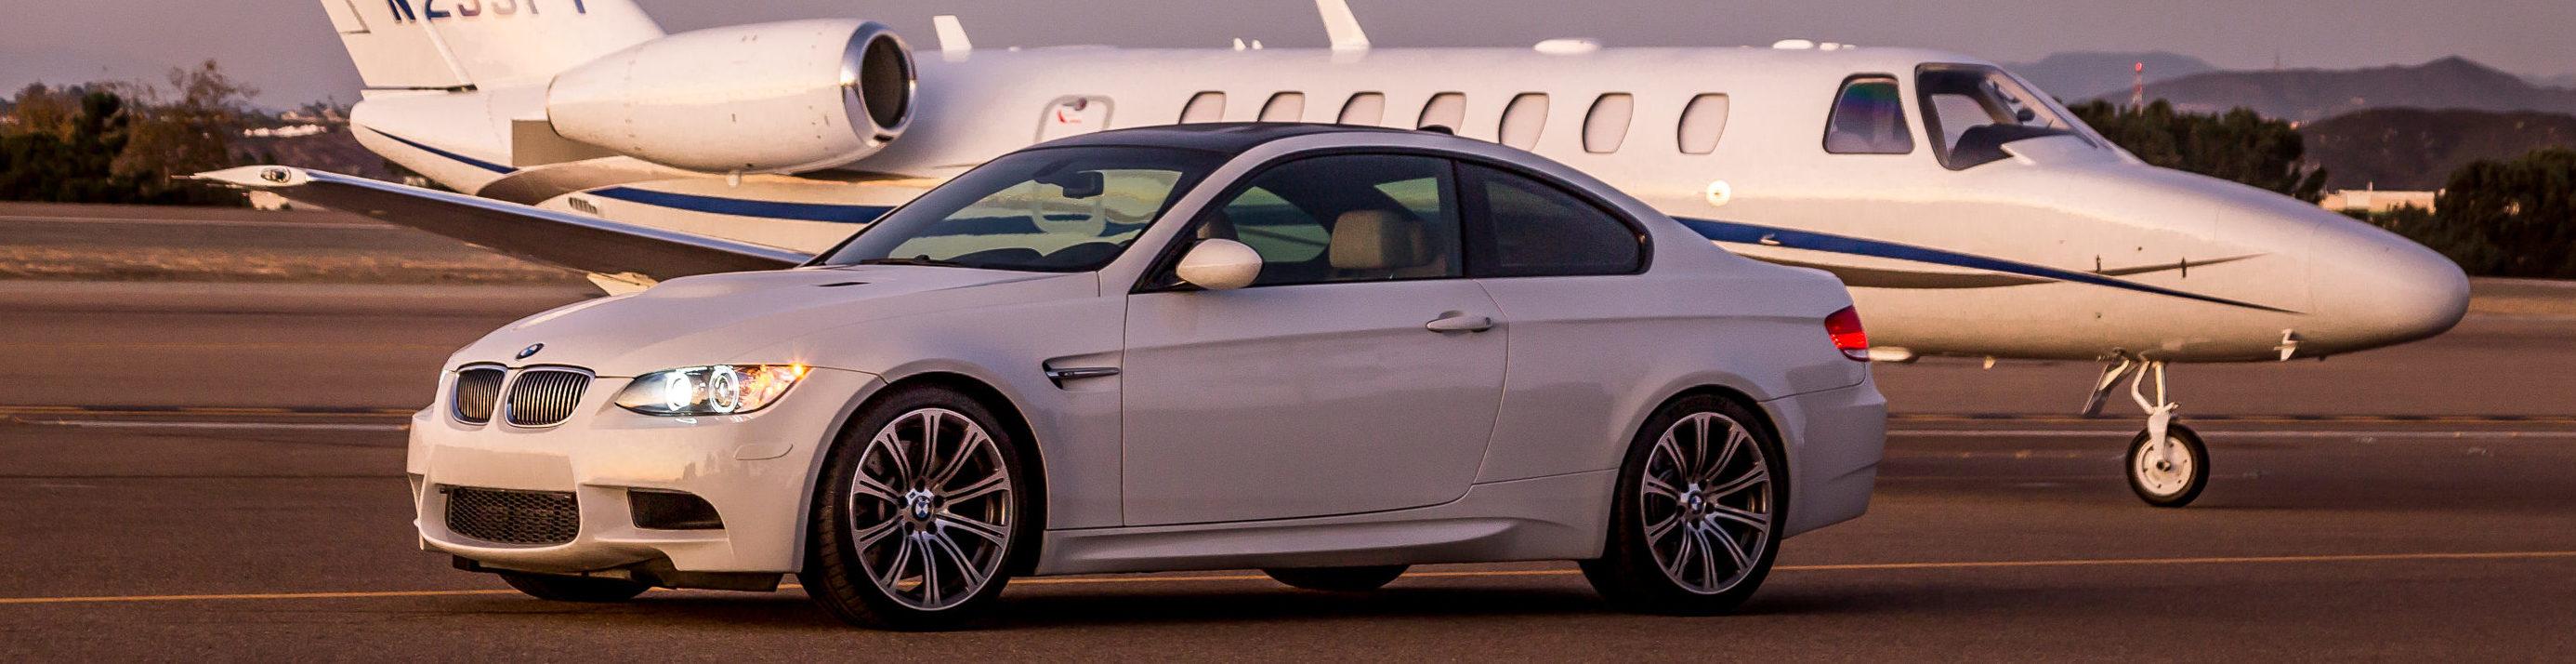 BMW M3 by Kohphoto